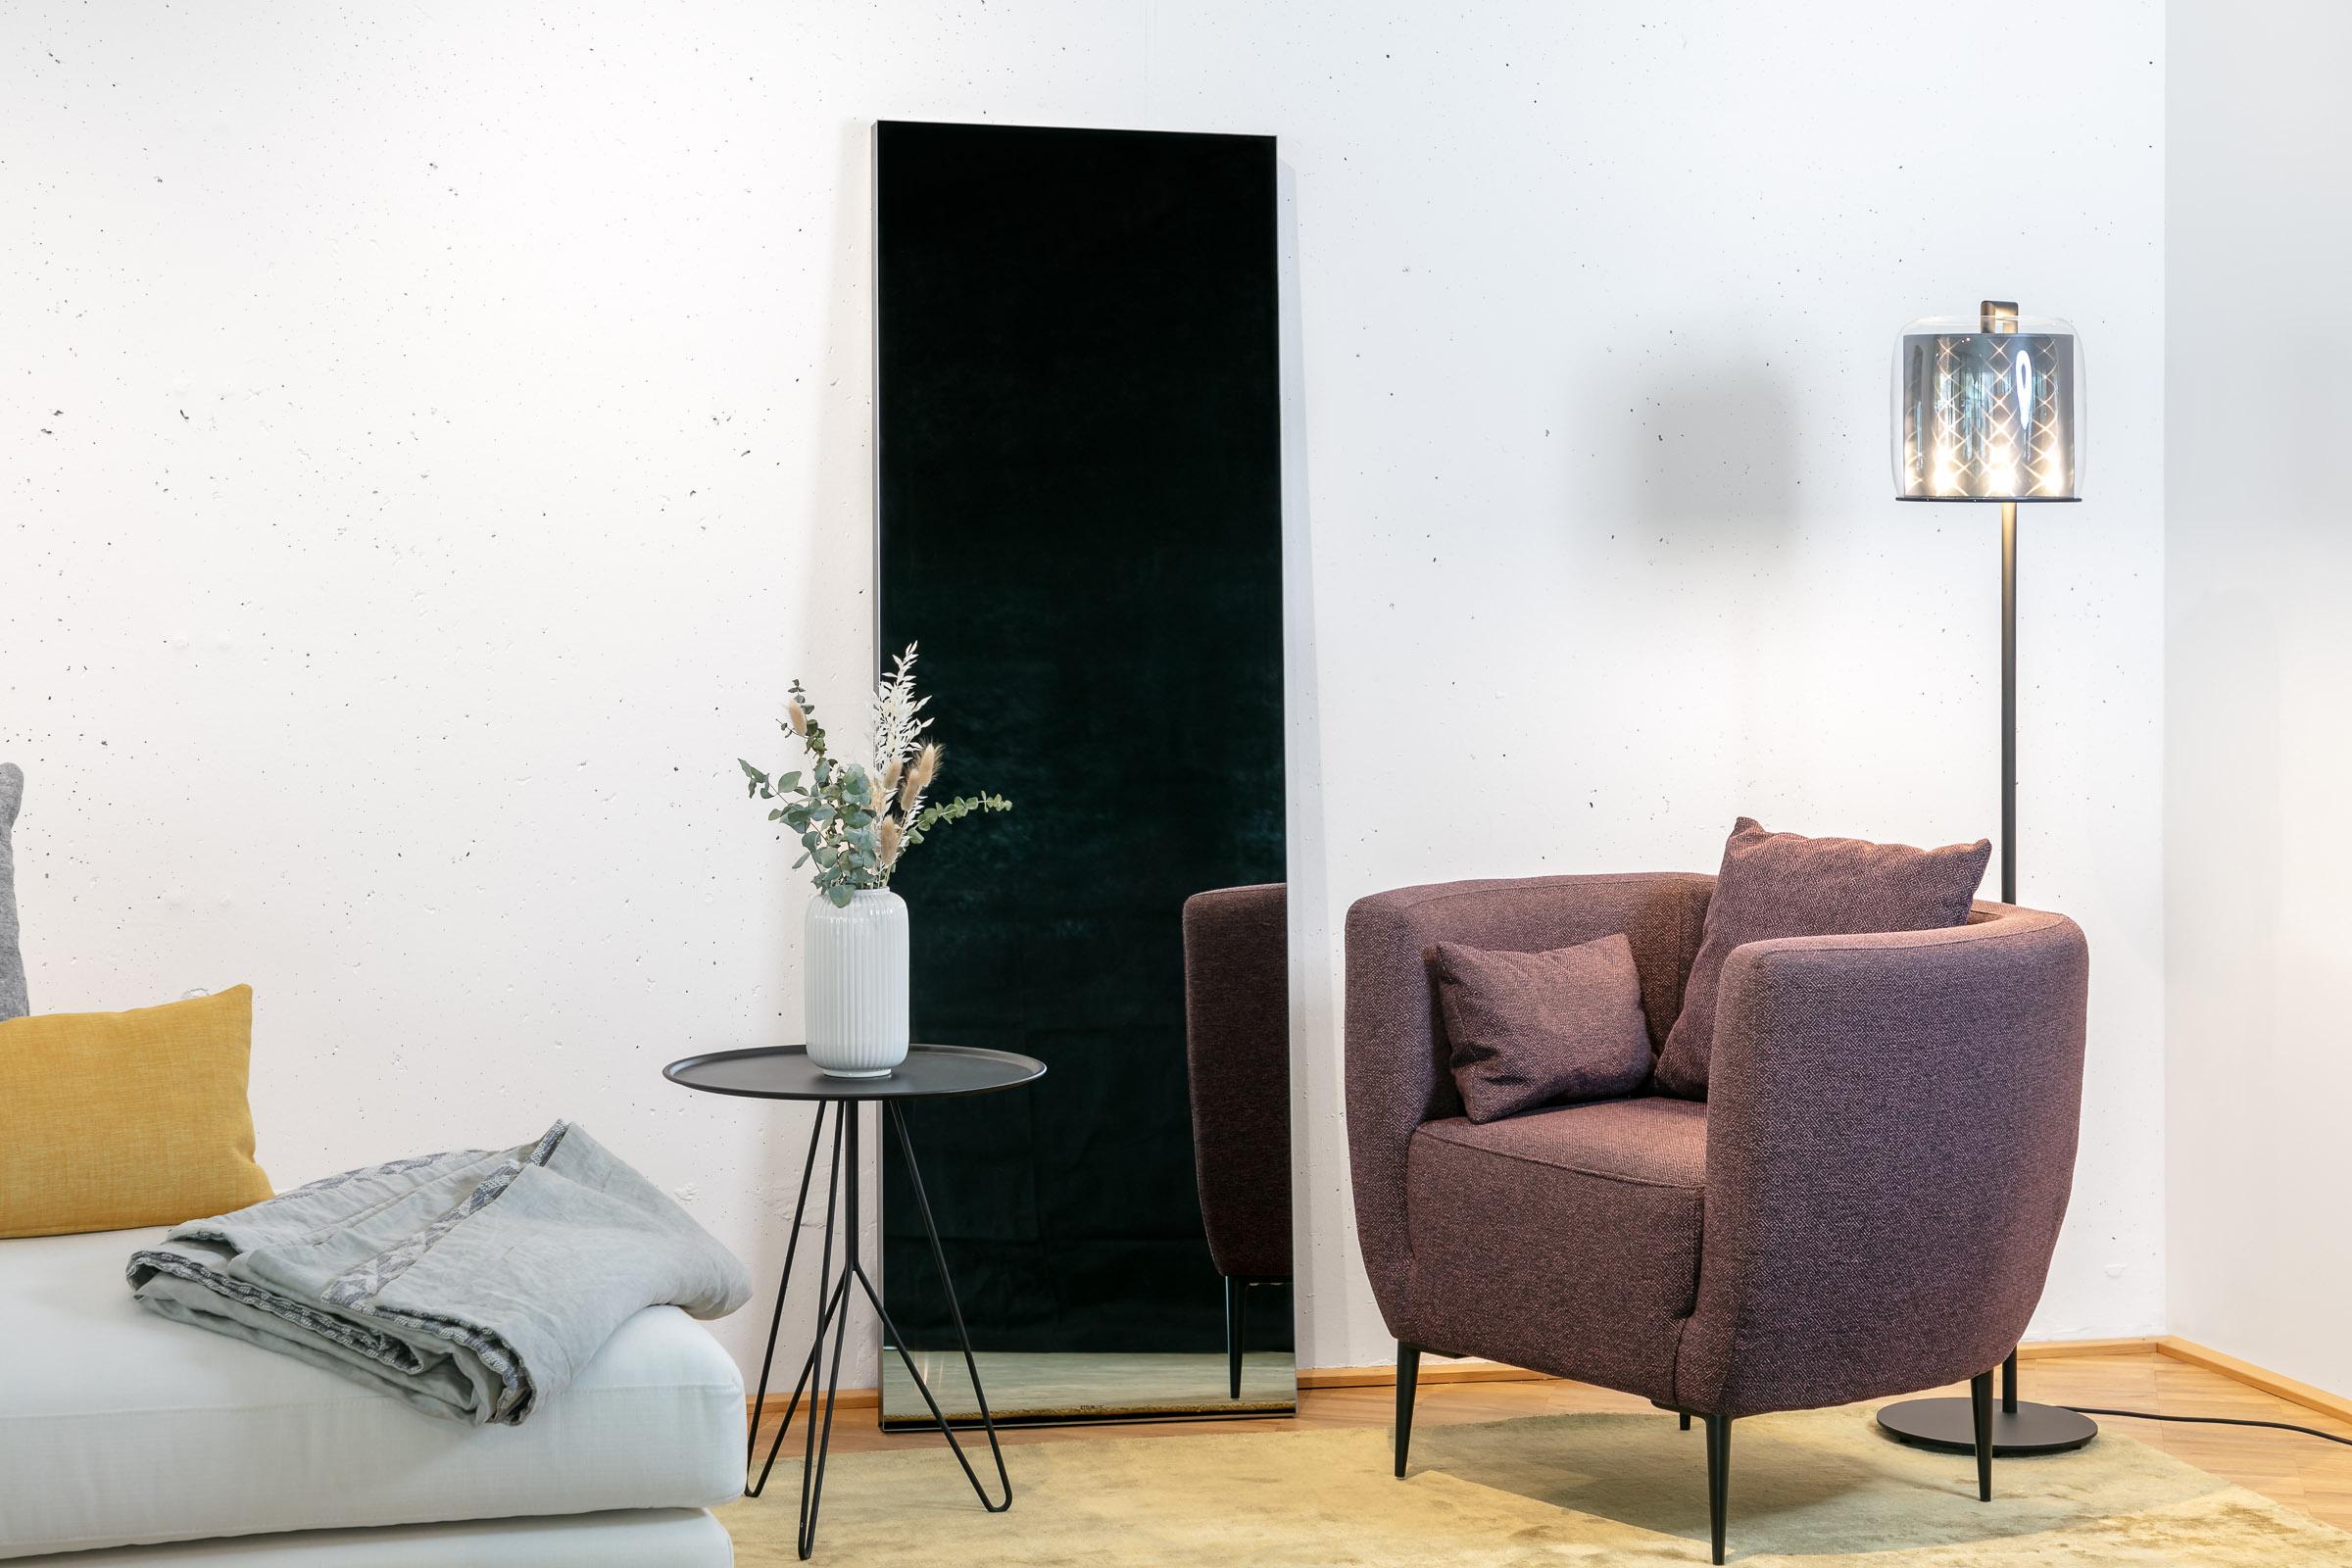 Der Ambiloom® Ganzkörperspiegel ohne Licht an weißer Wand angelehnt vor einem Sessel